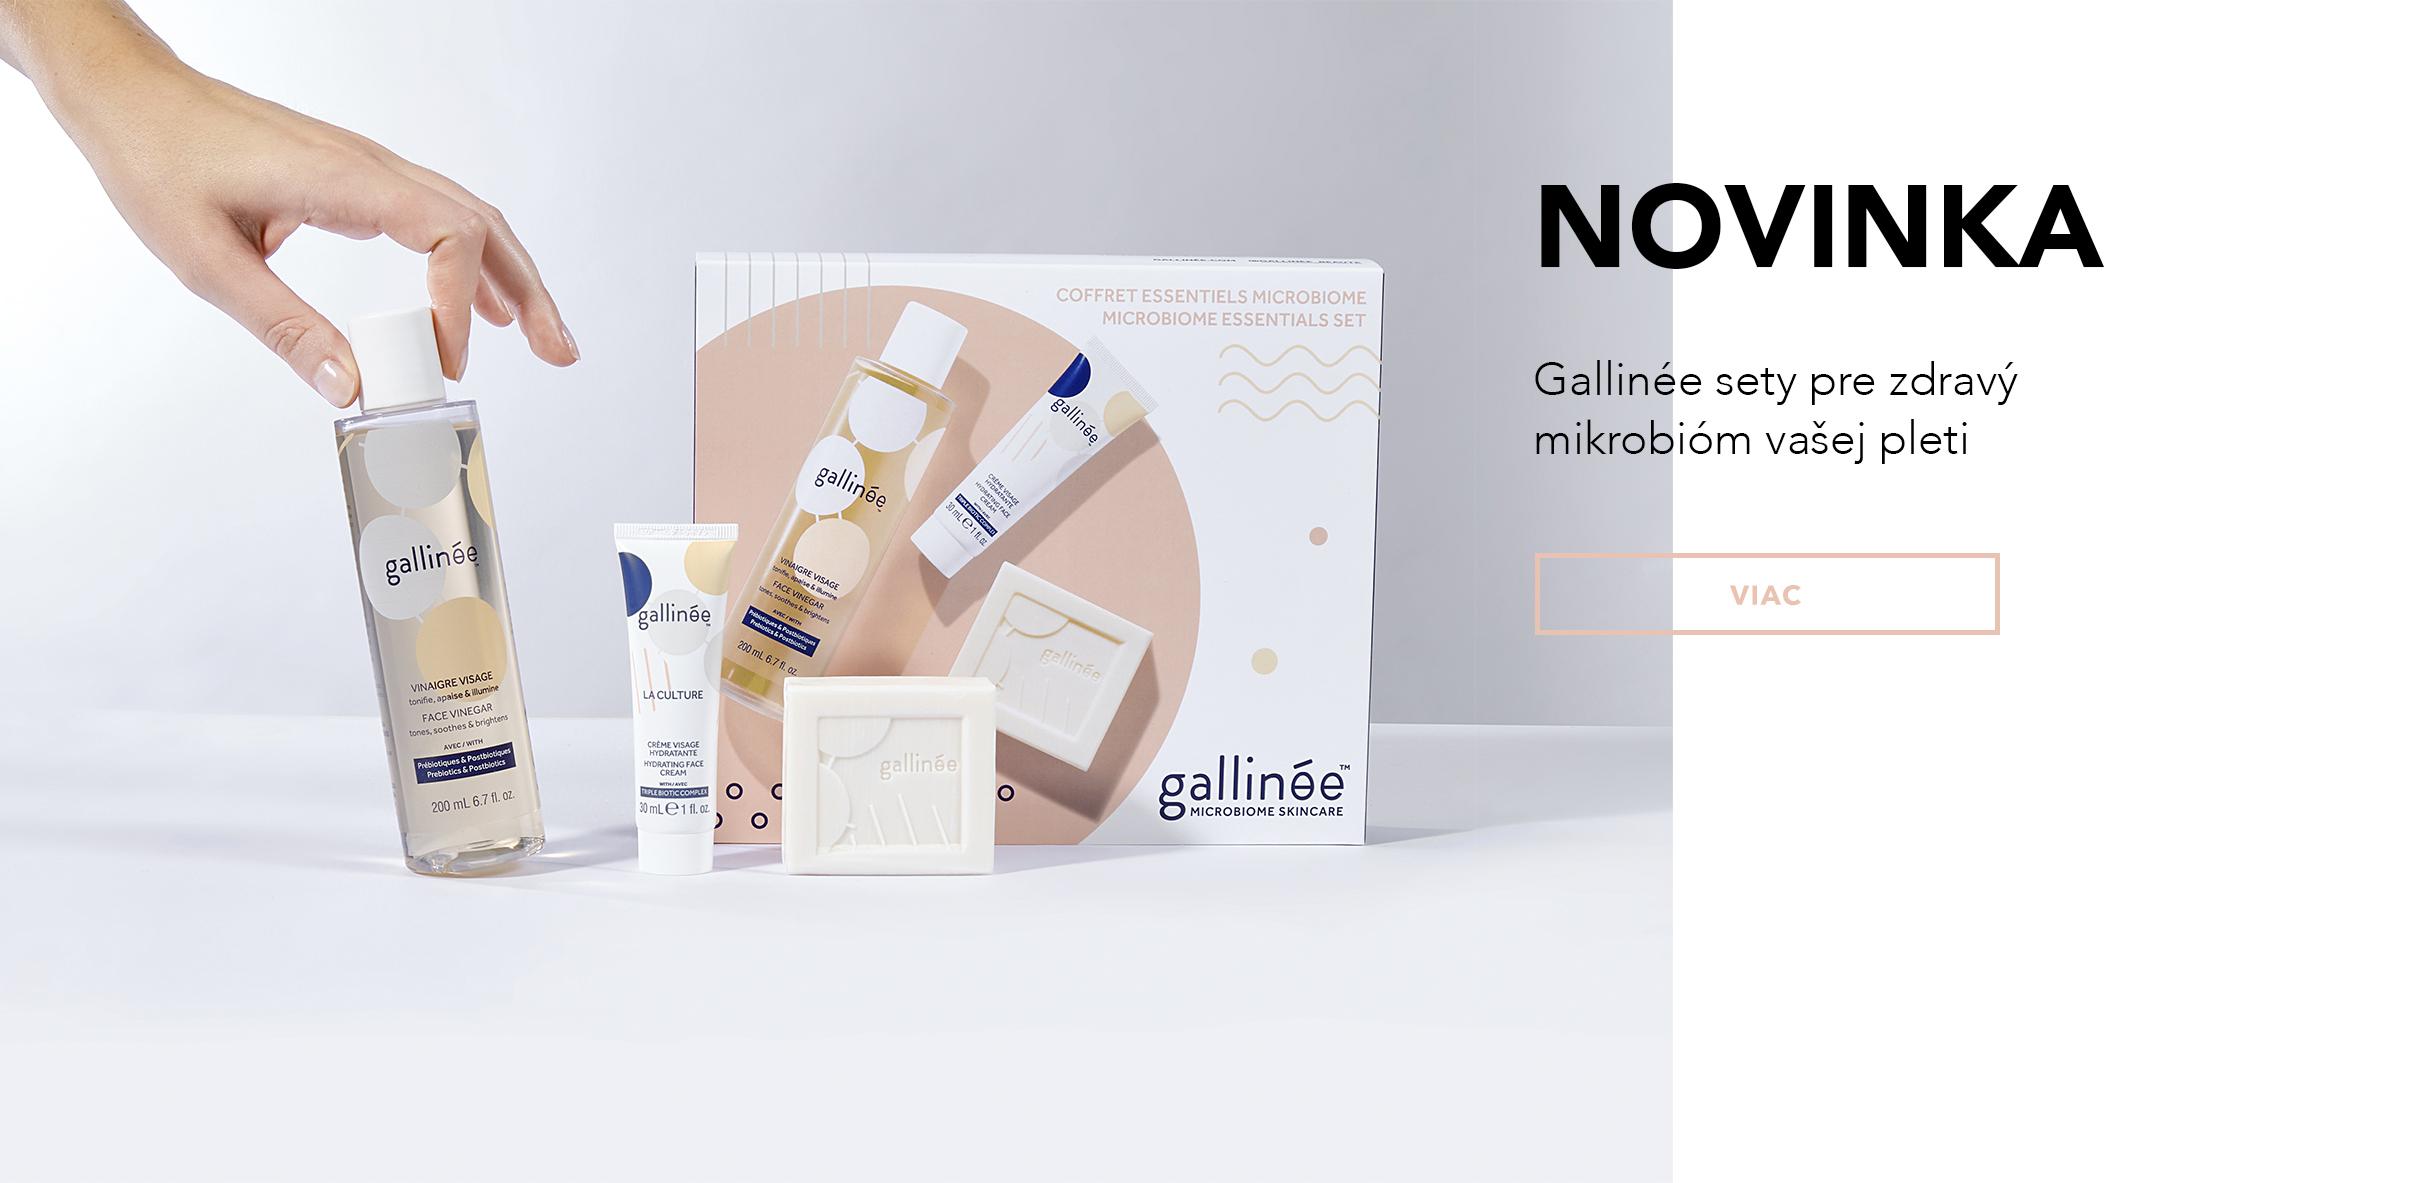 Gallinée Microbiome Sety